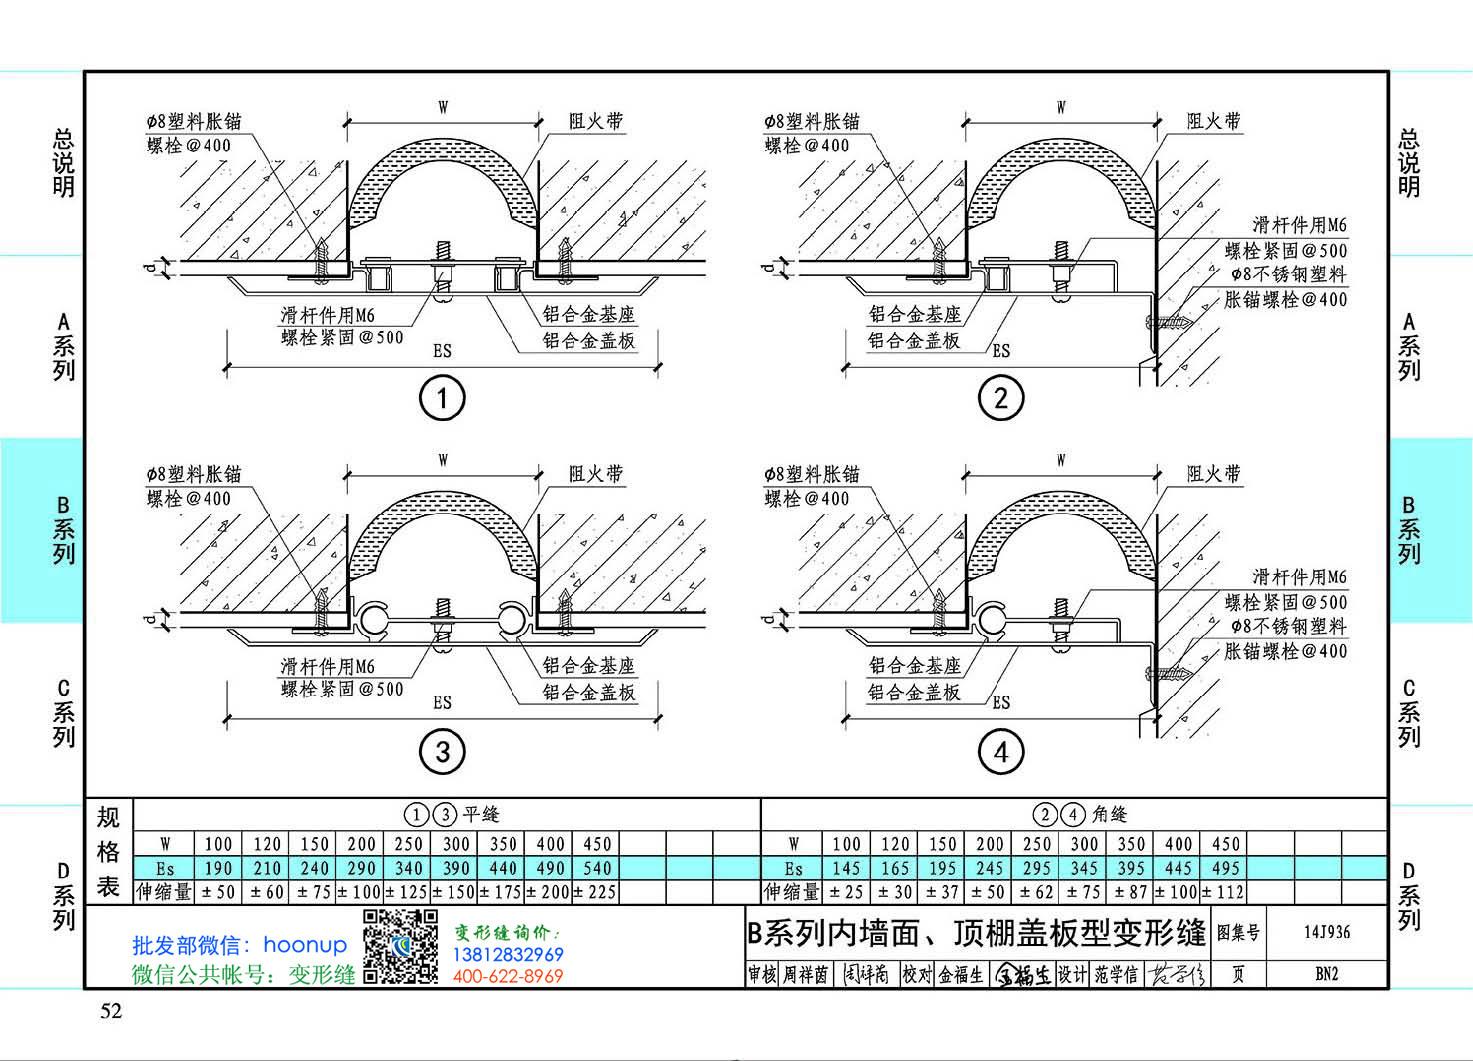 图集14J936BN2-B系列内墙面、顶棚盖板型变形缝